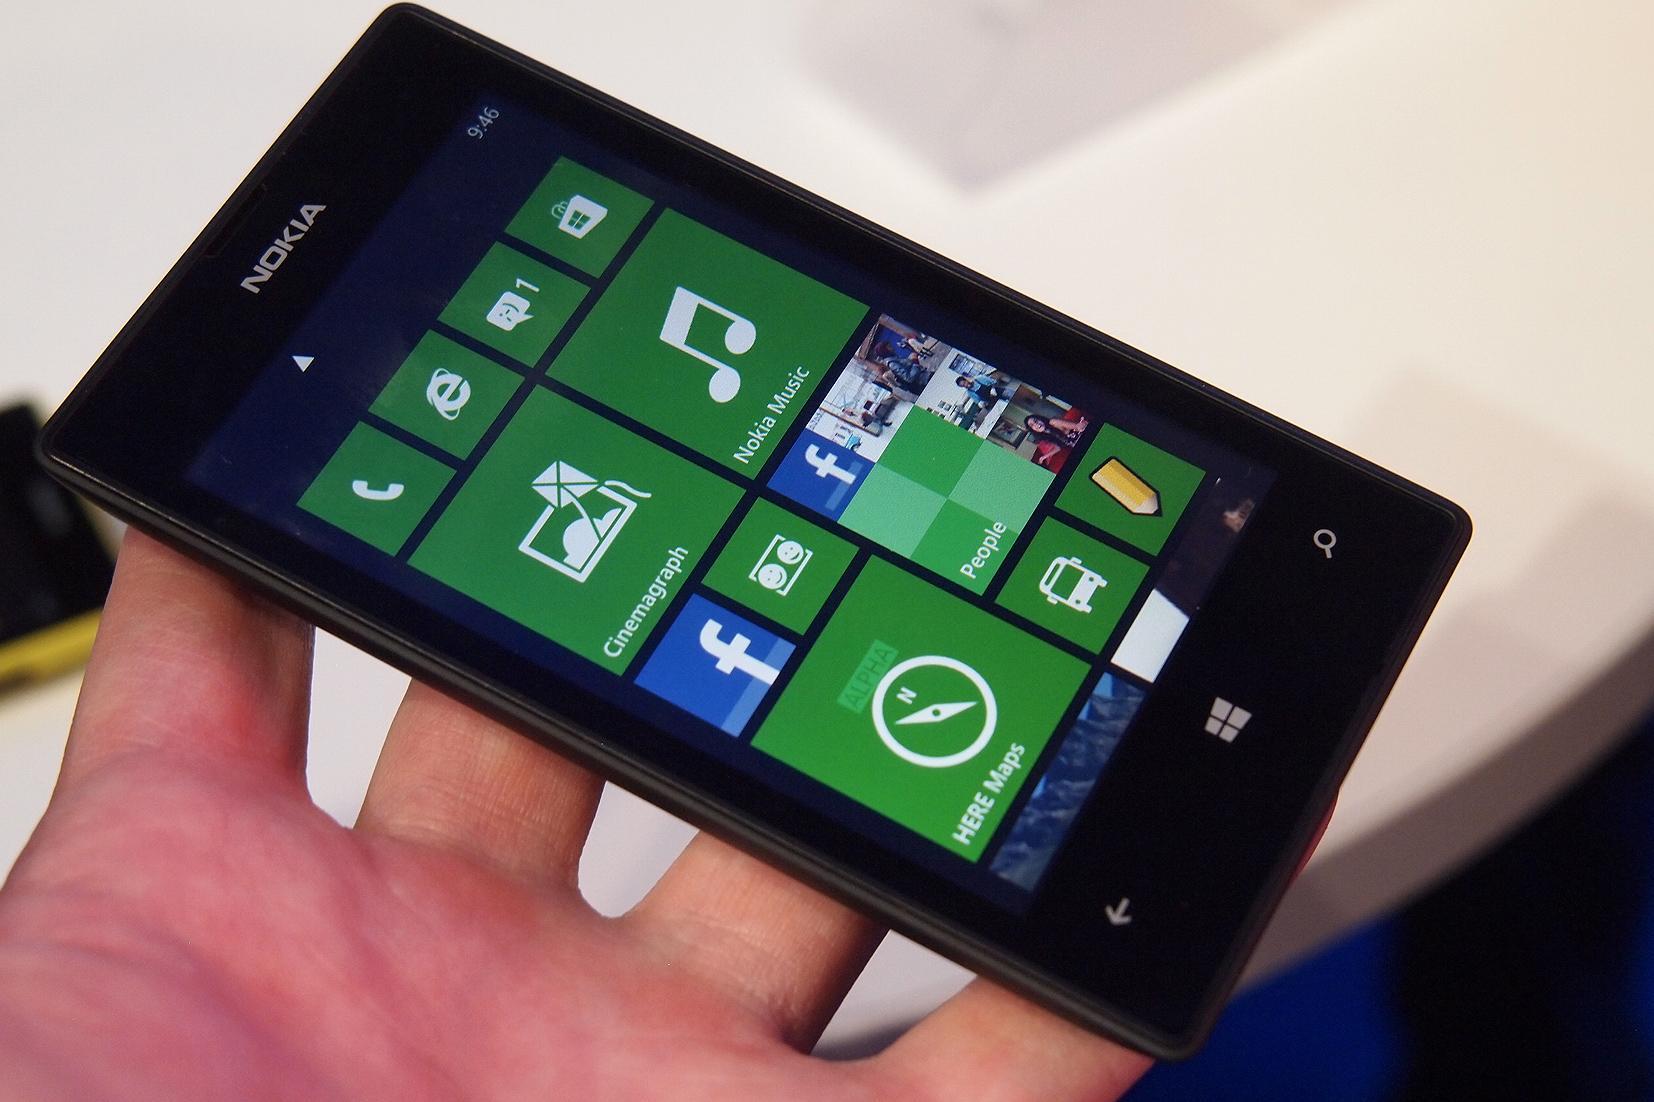 blackberry themes: nokia lumia 520 wallpaper black